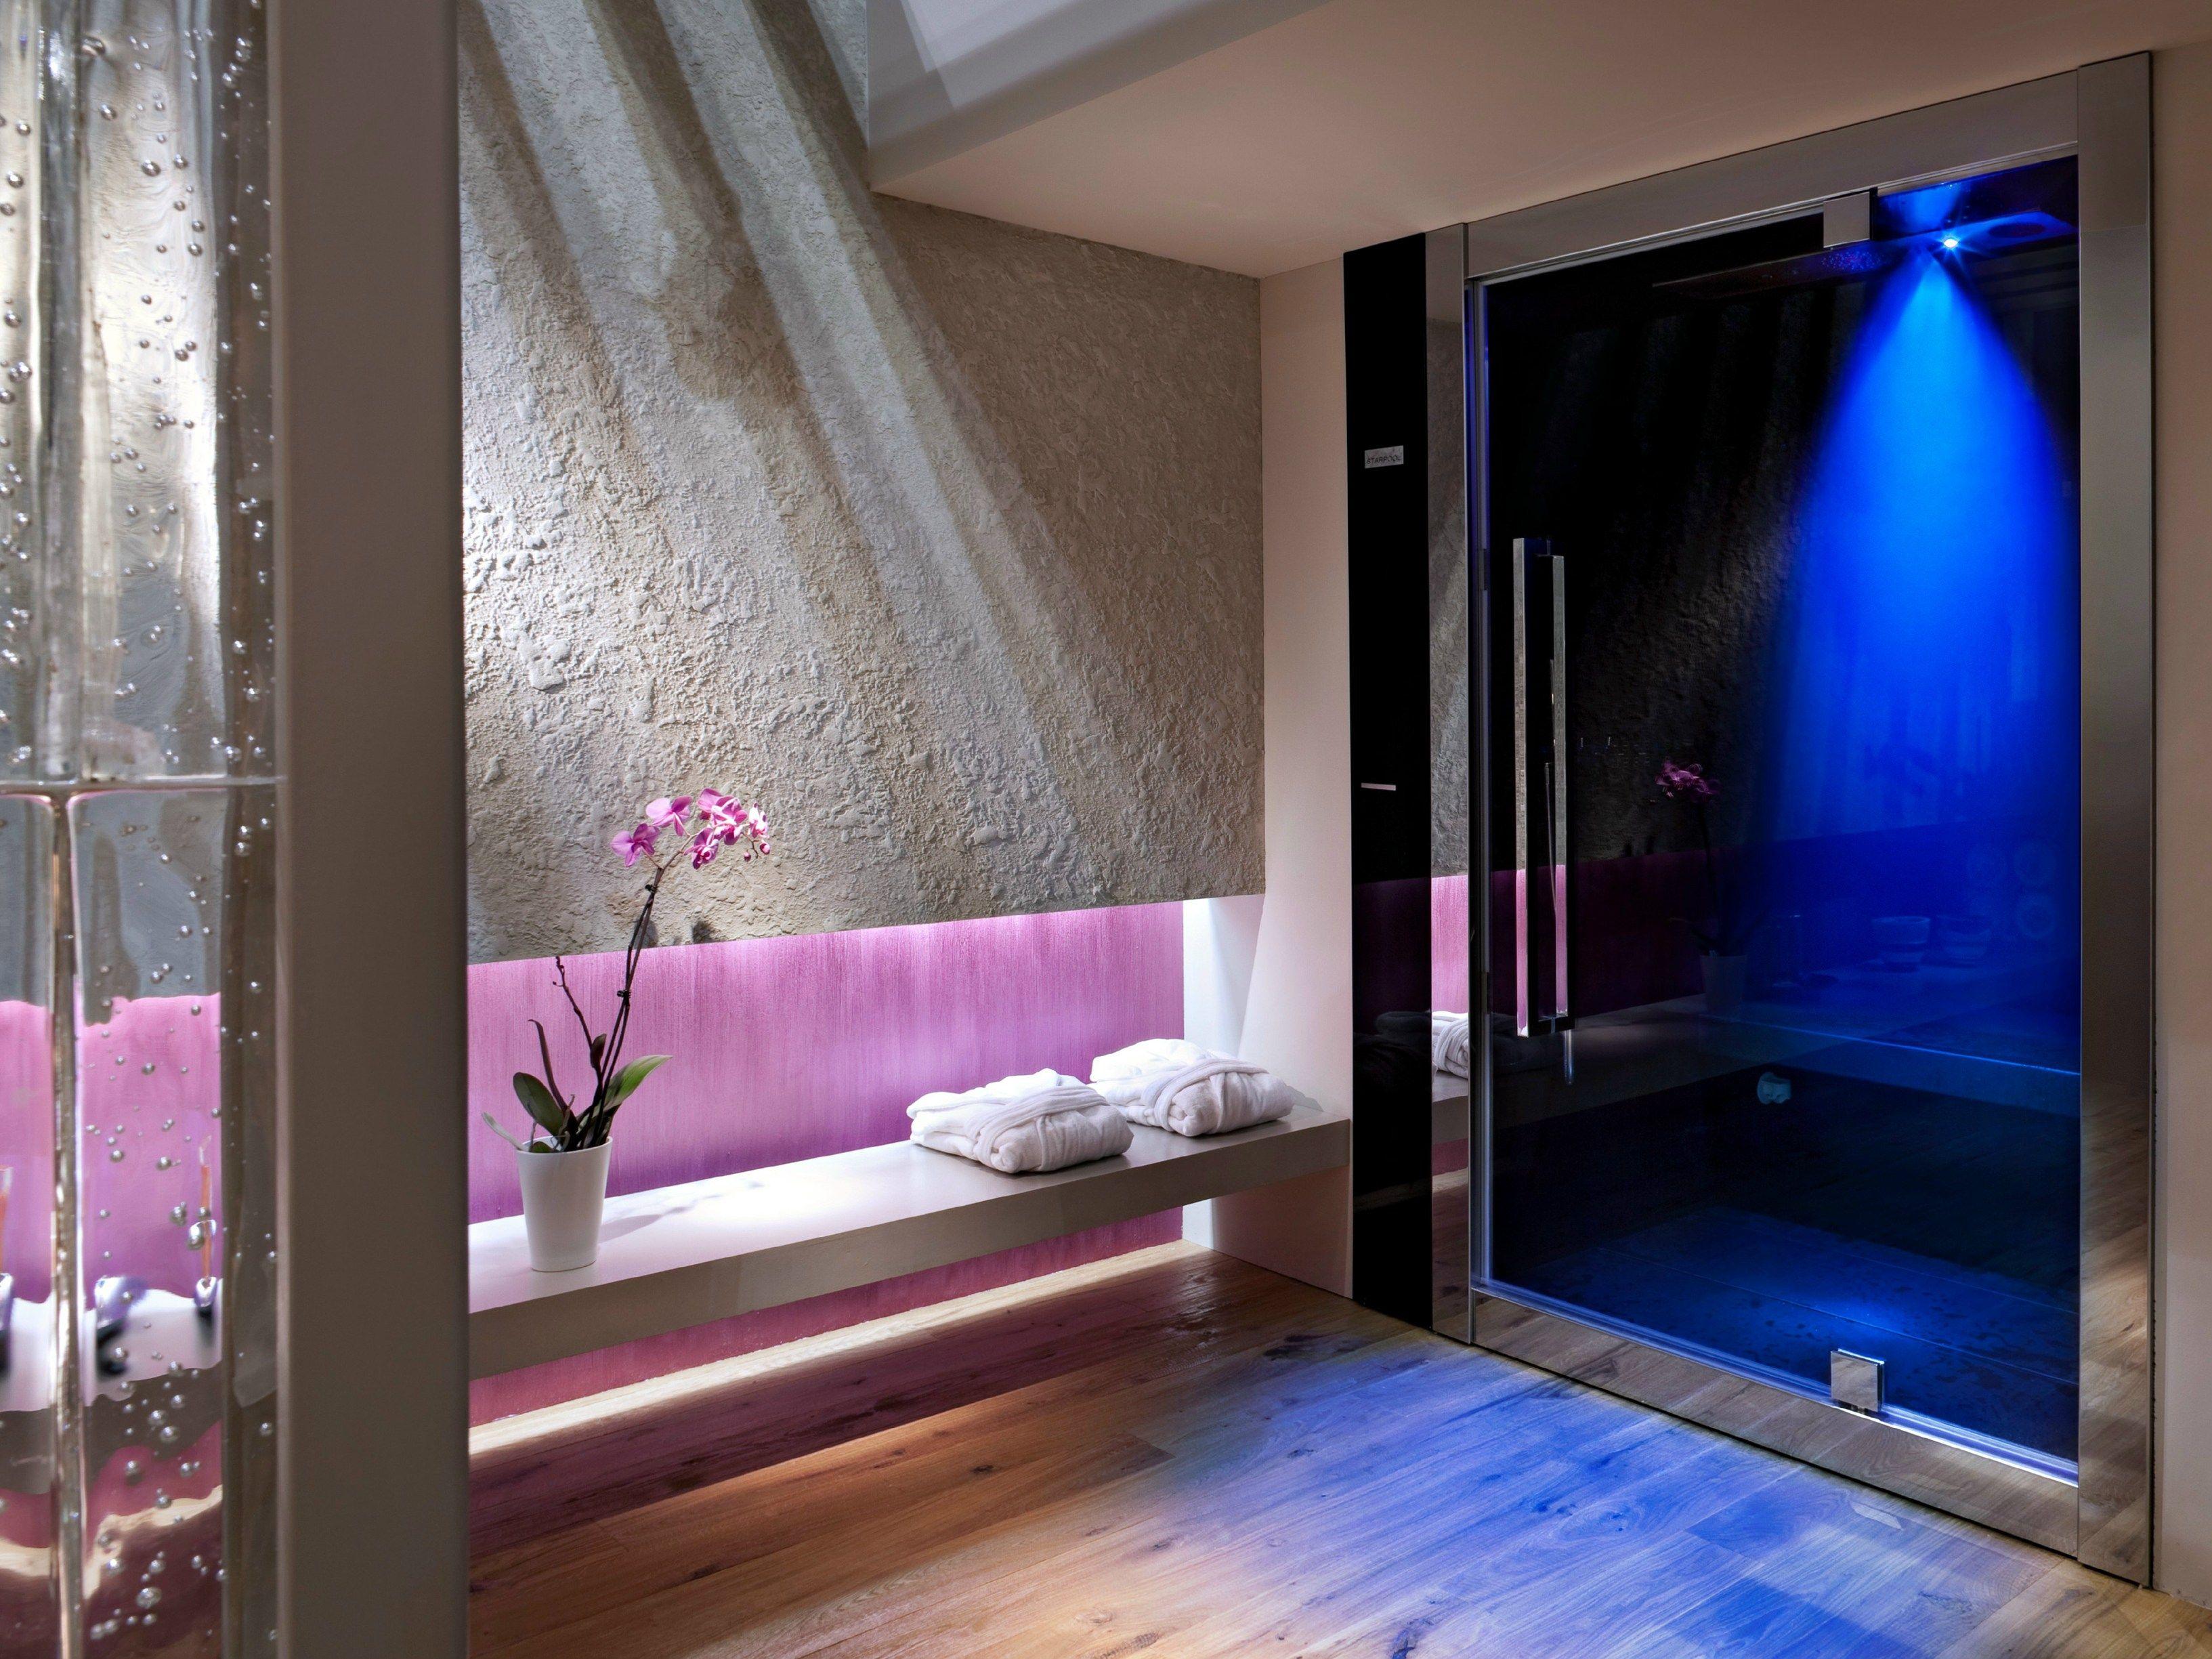 Bagno turco per cromoterapia sweet spa by starpool design - Bagno turco su misura ...